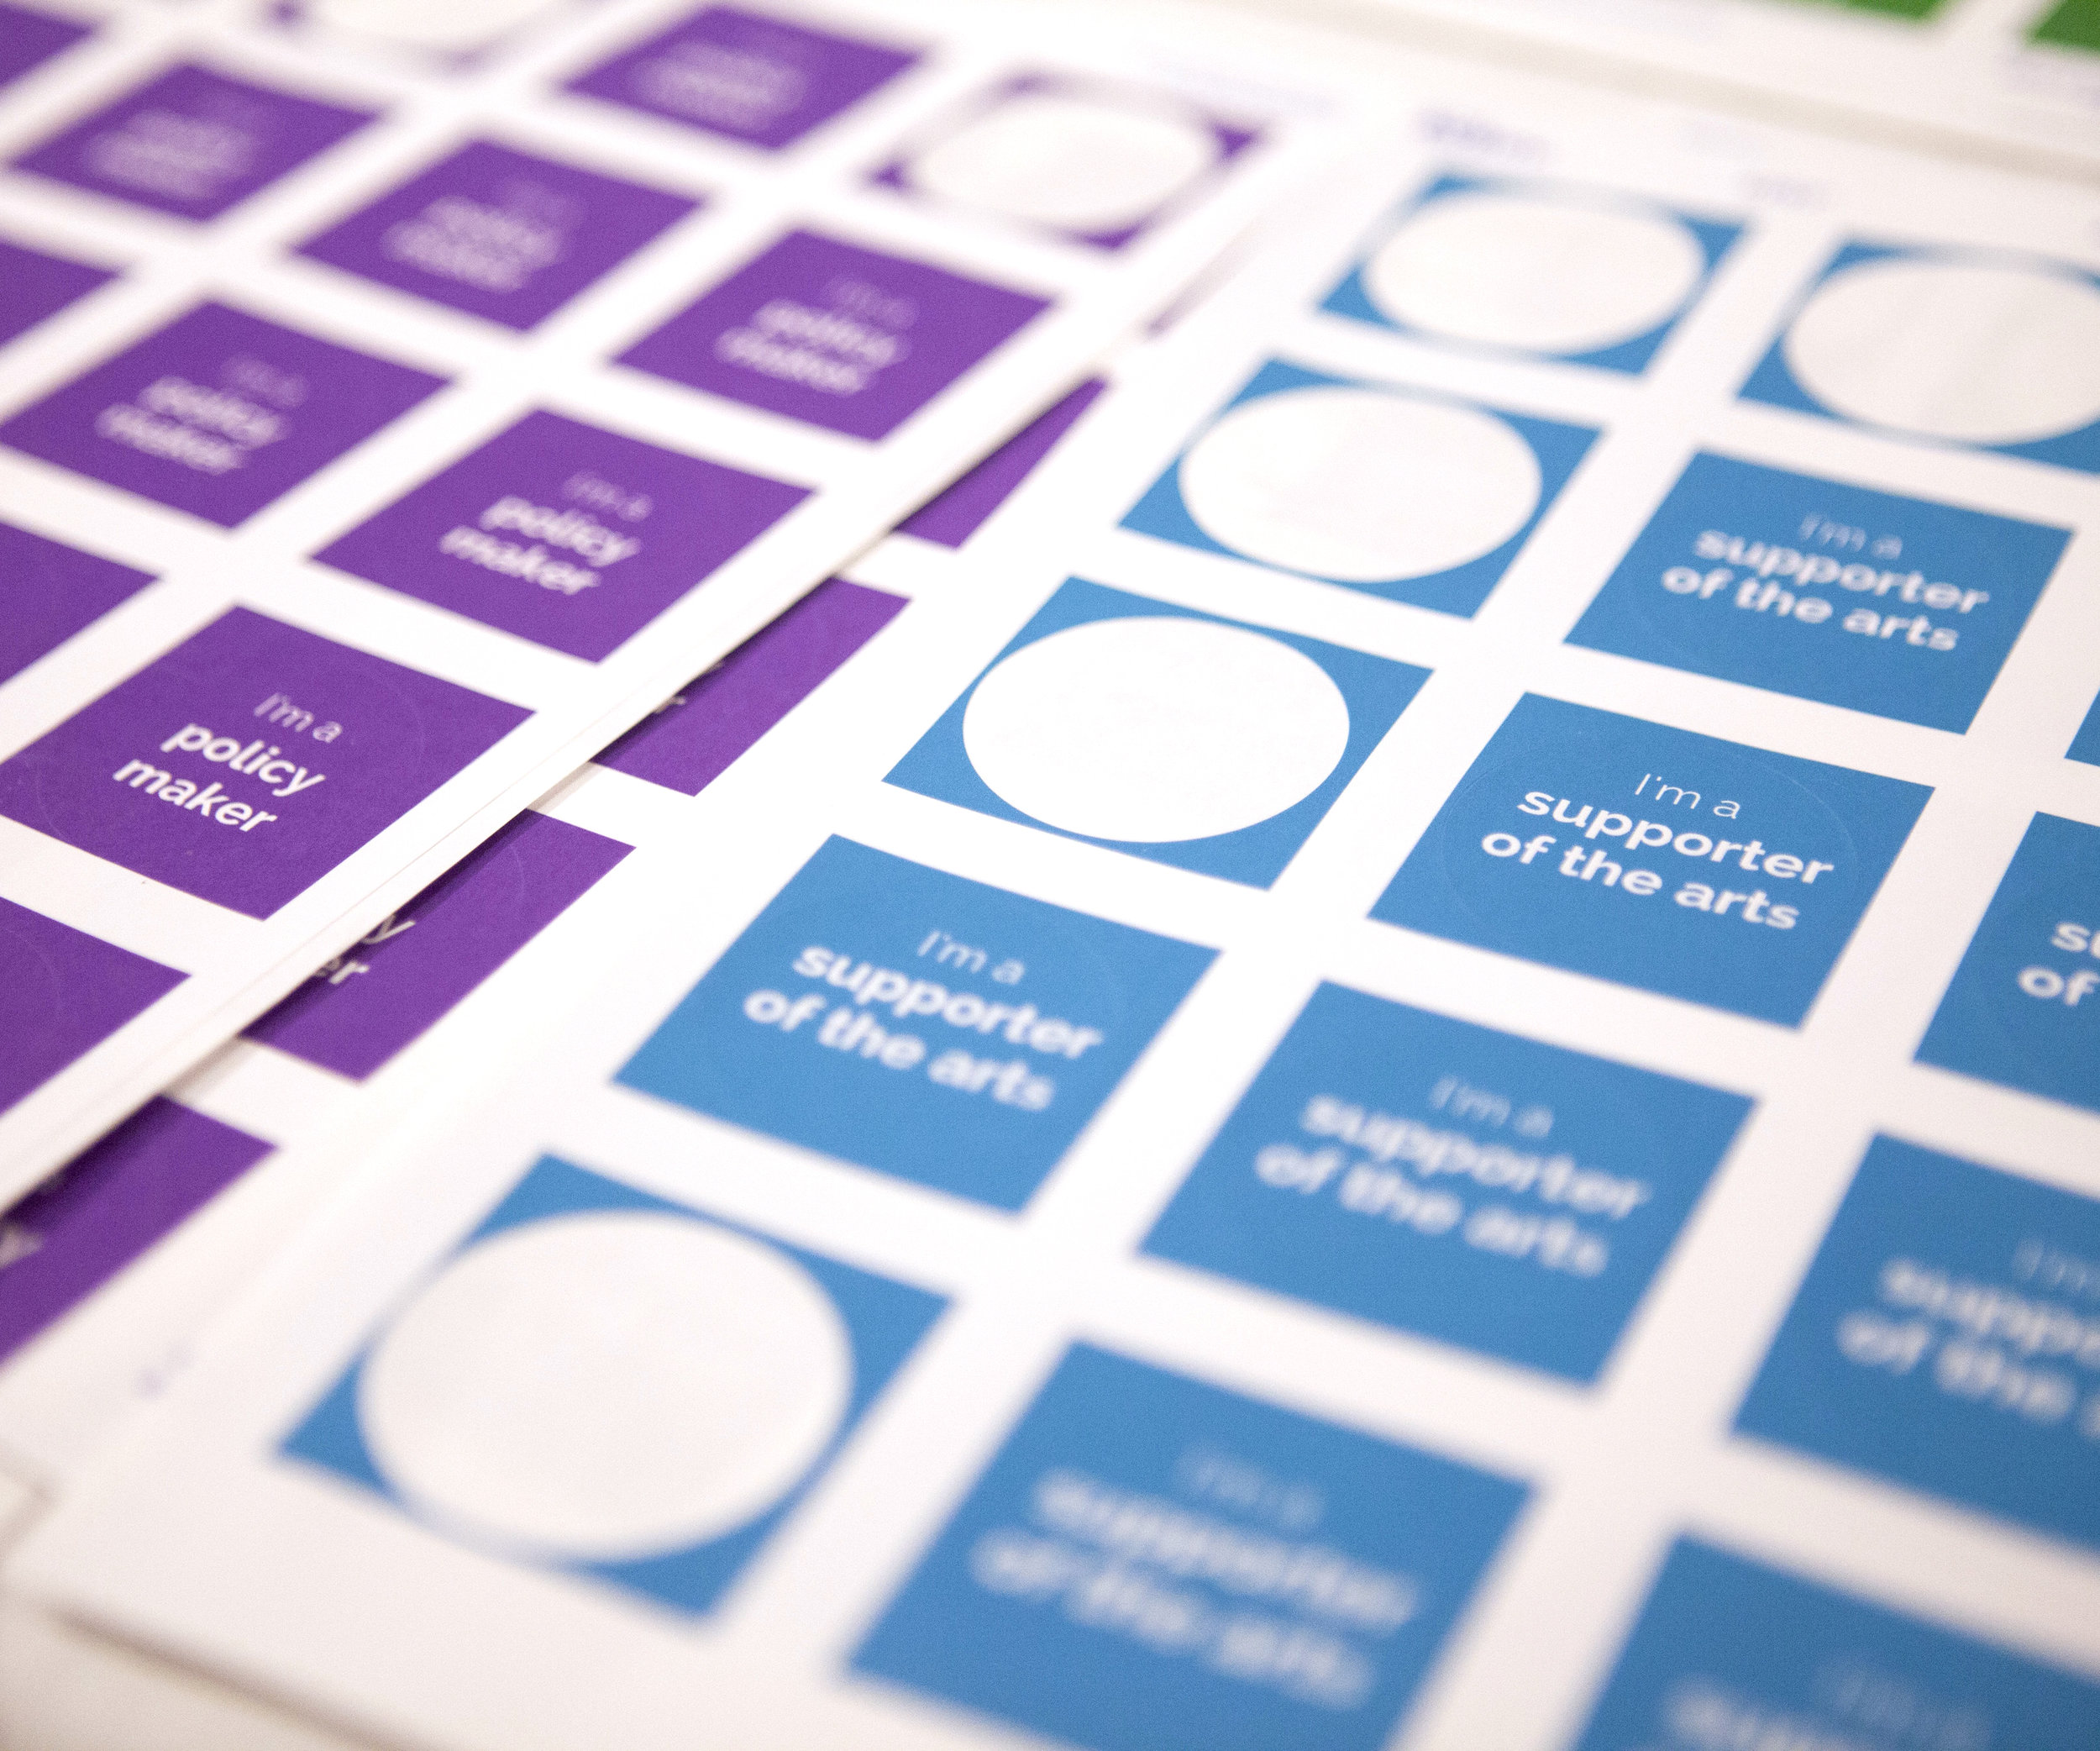 BlueprintOpening-blueprint largeFINALS-0009.jpg